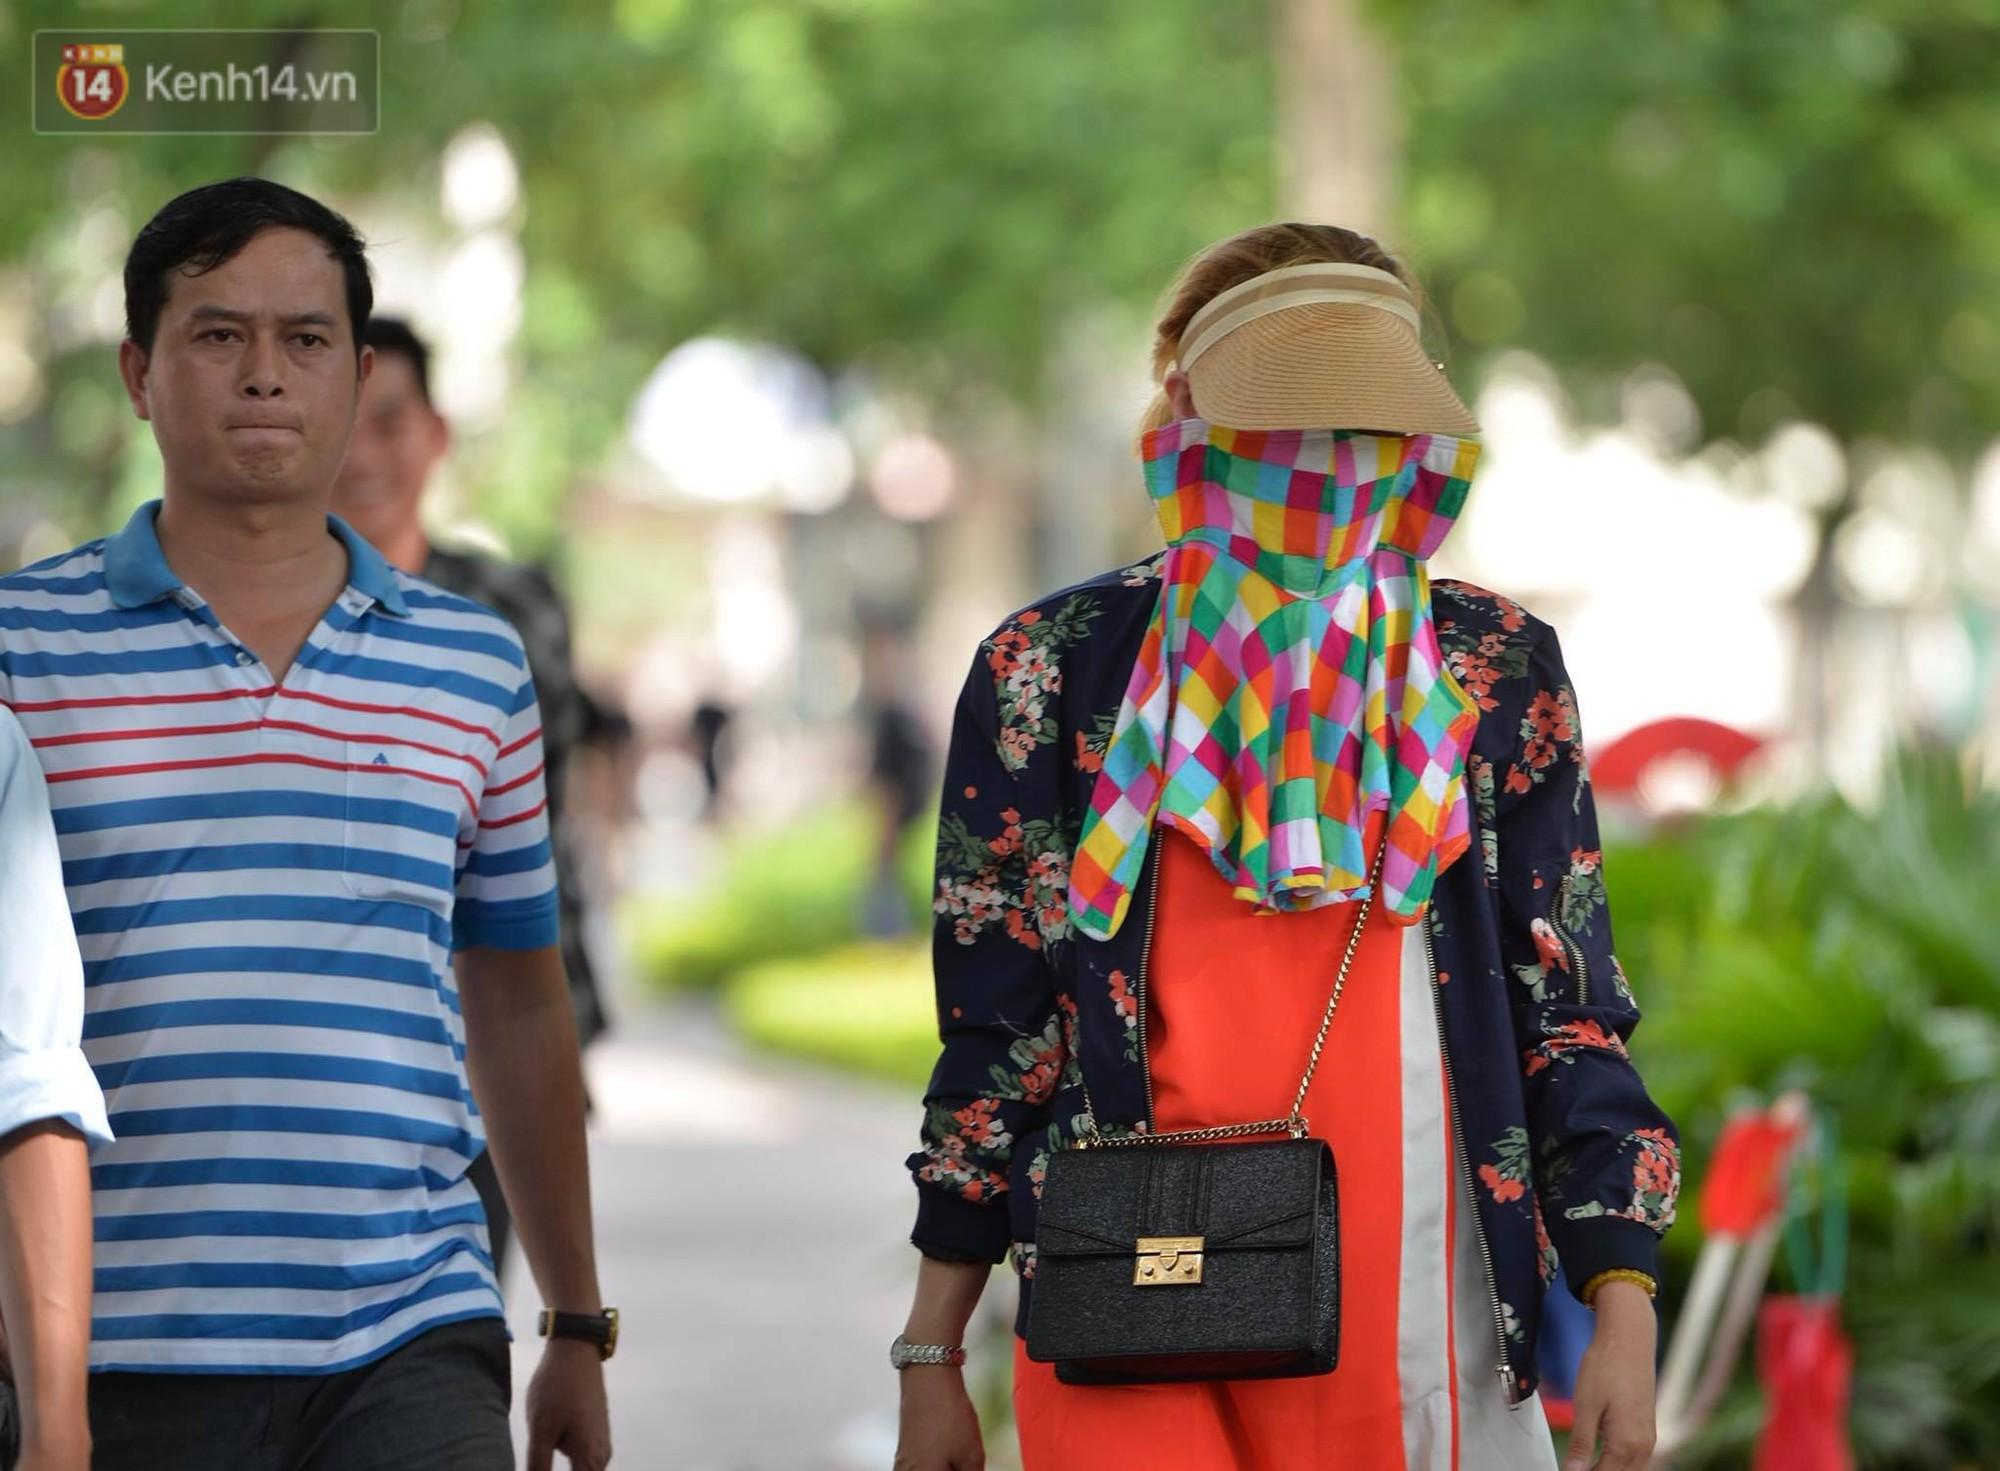 Phố đi bộ vắng tanh gần cuối giờ chiều, nhiệt độ đỉnh điểm ở Hà Nội lên tới 44 độ C - Ảnh 7.